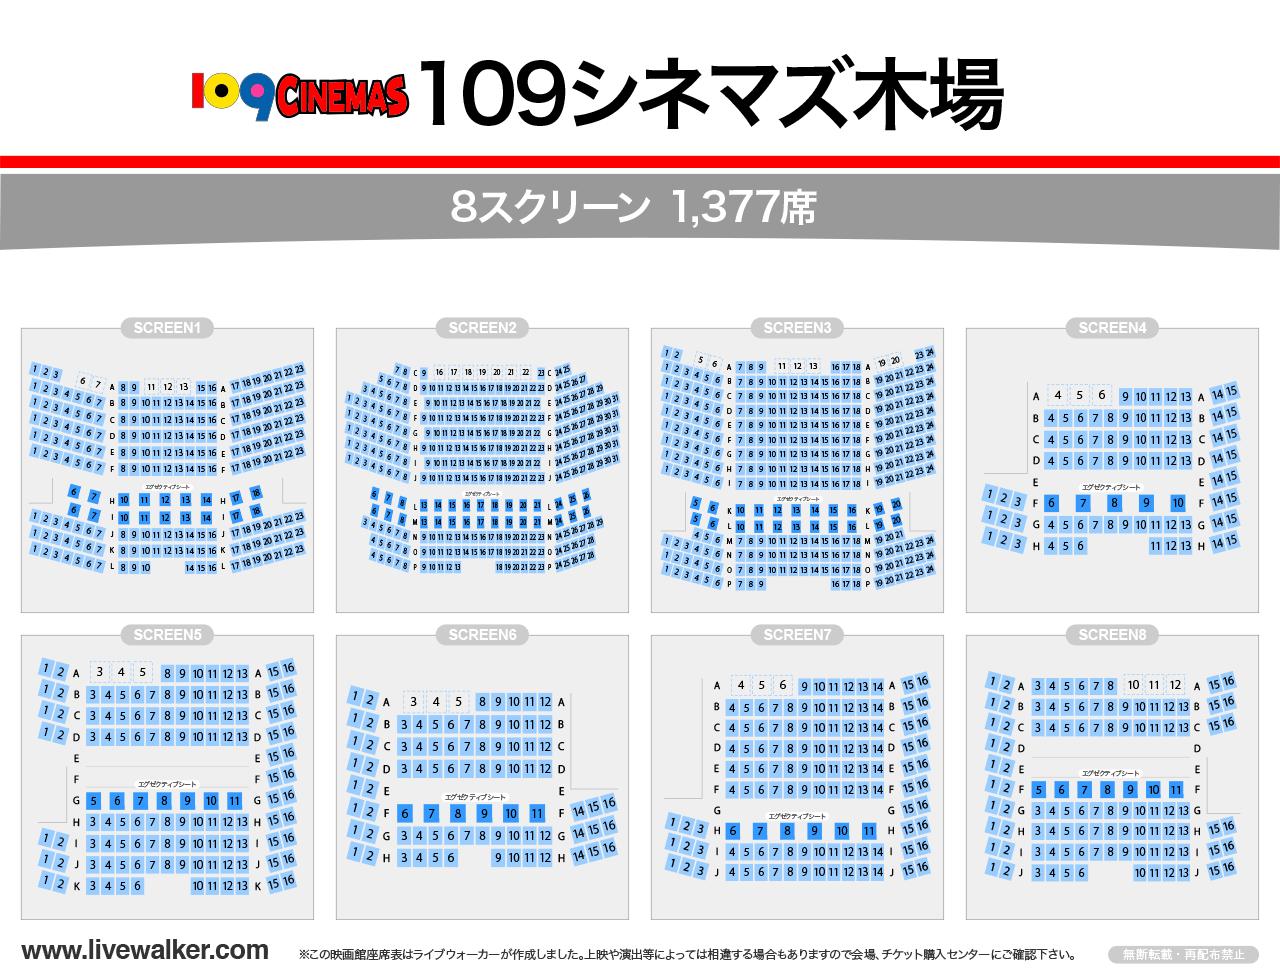 シネマ 木場 109